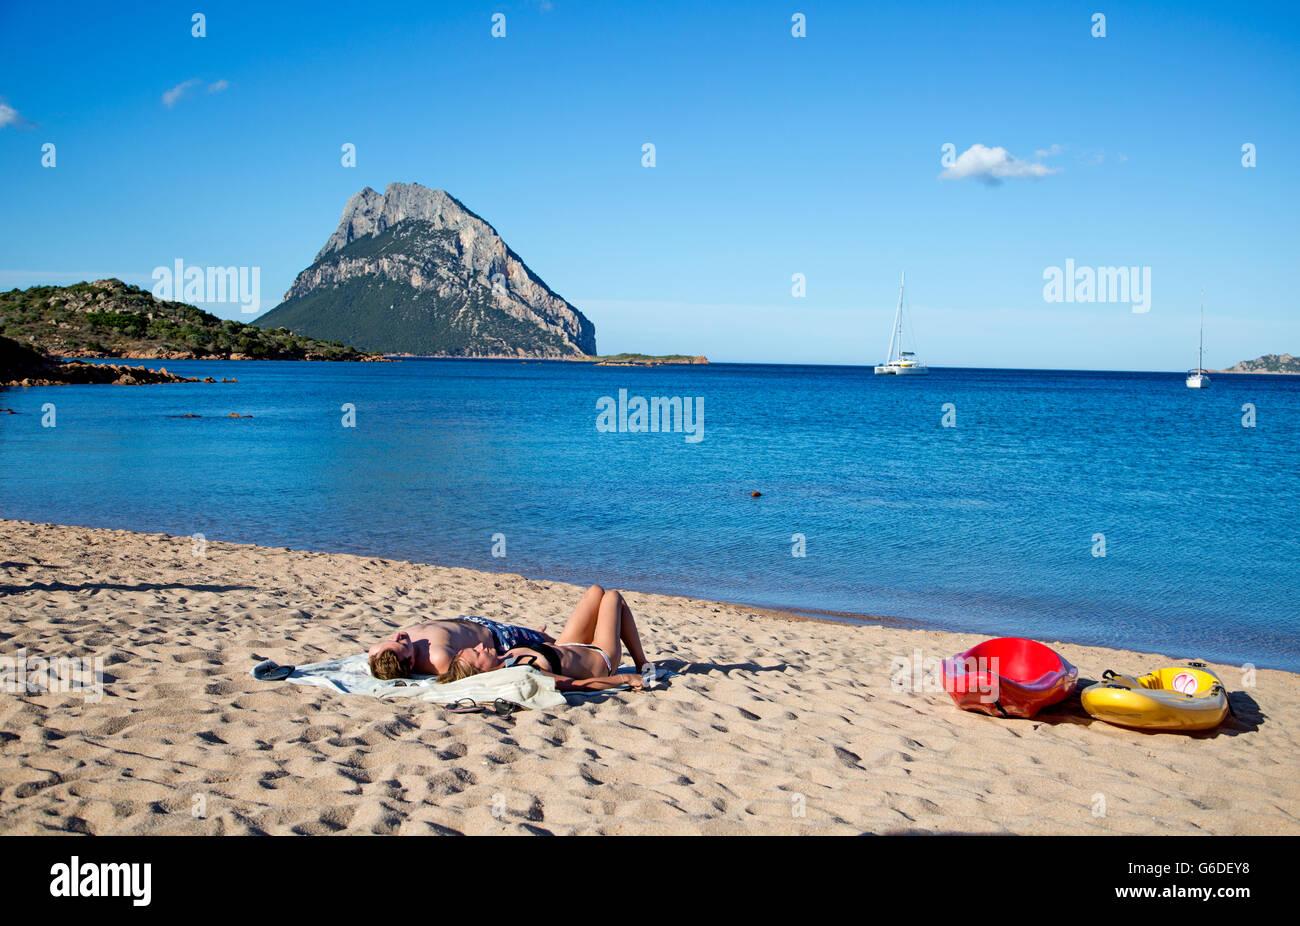 The Beach At Porto Paolo Sardinia Italy - Stock Image